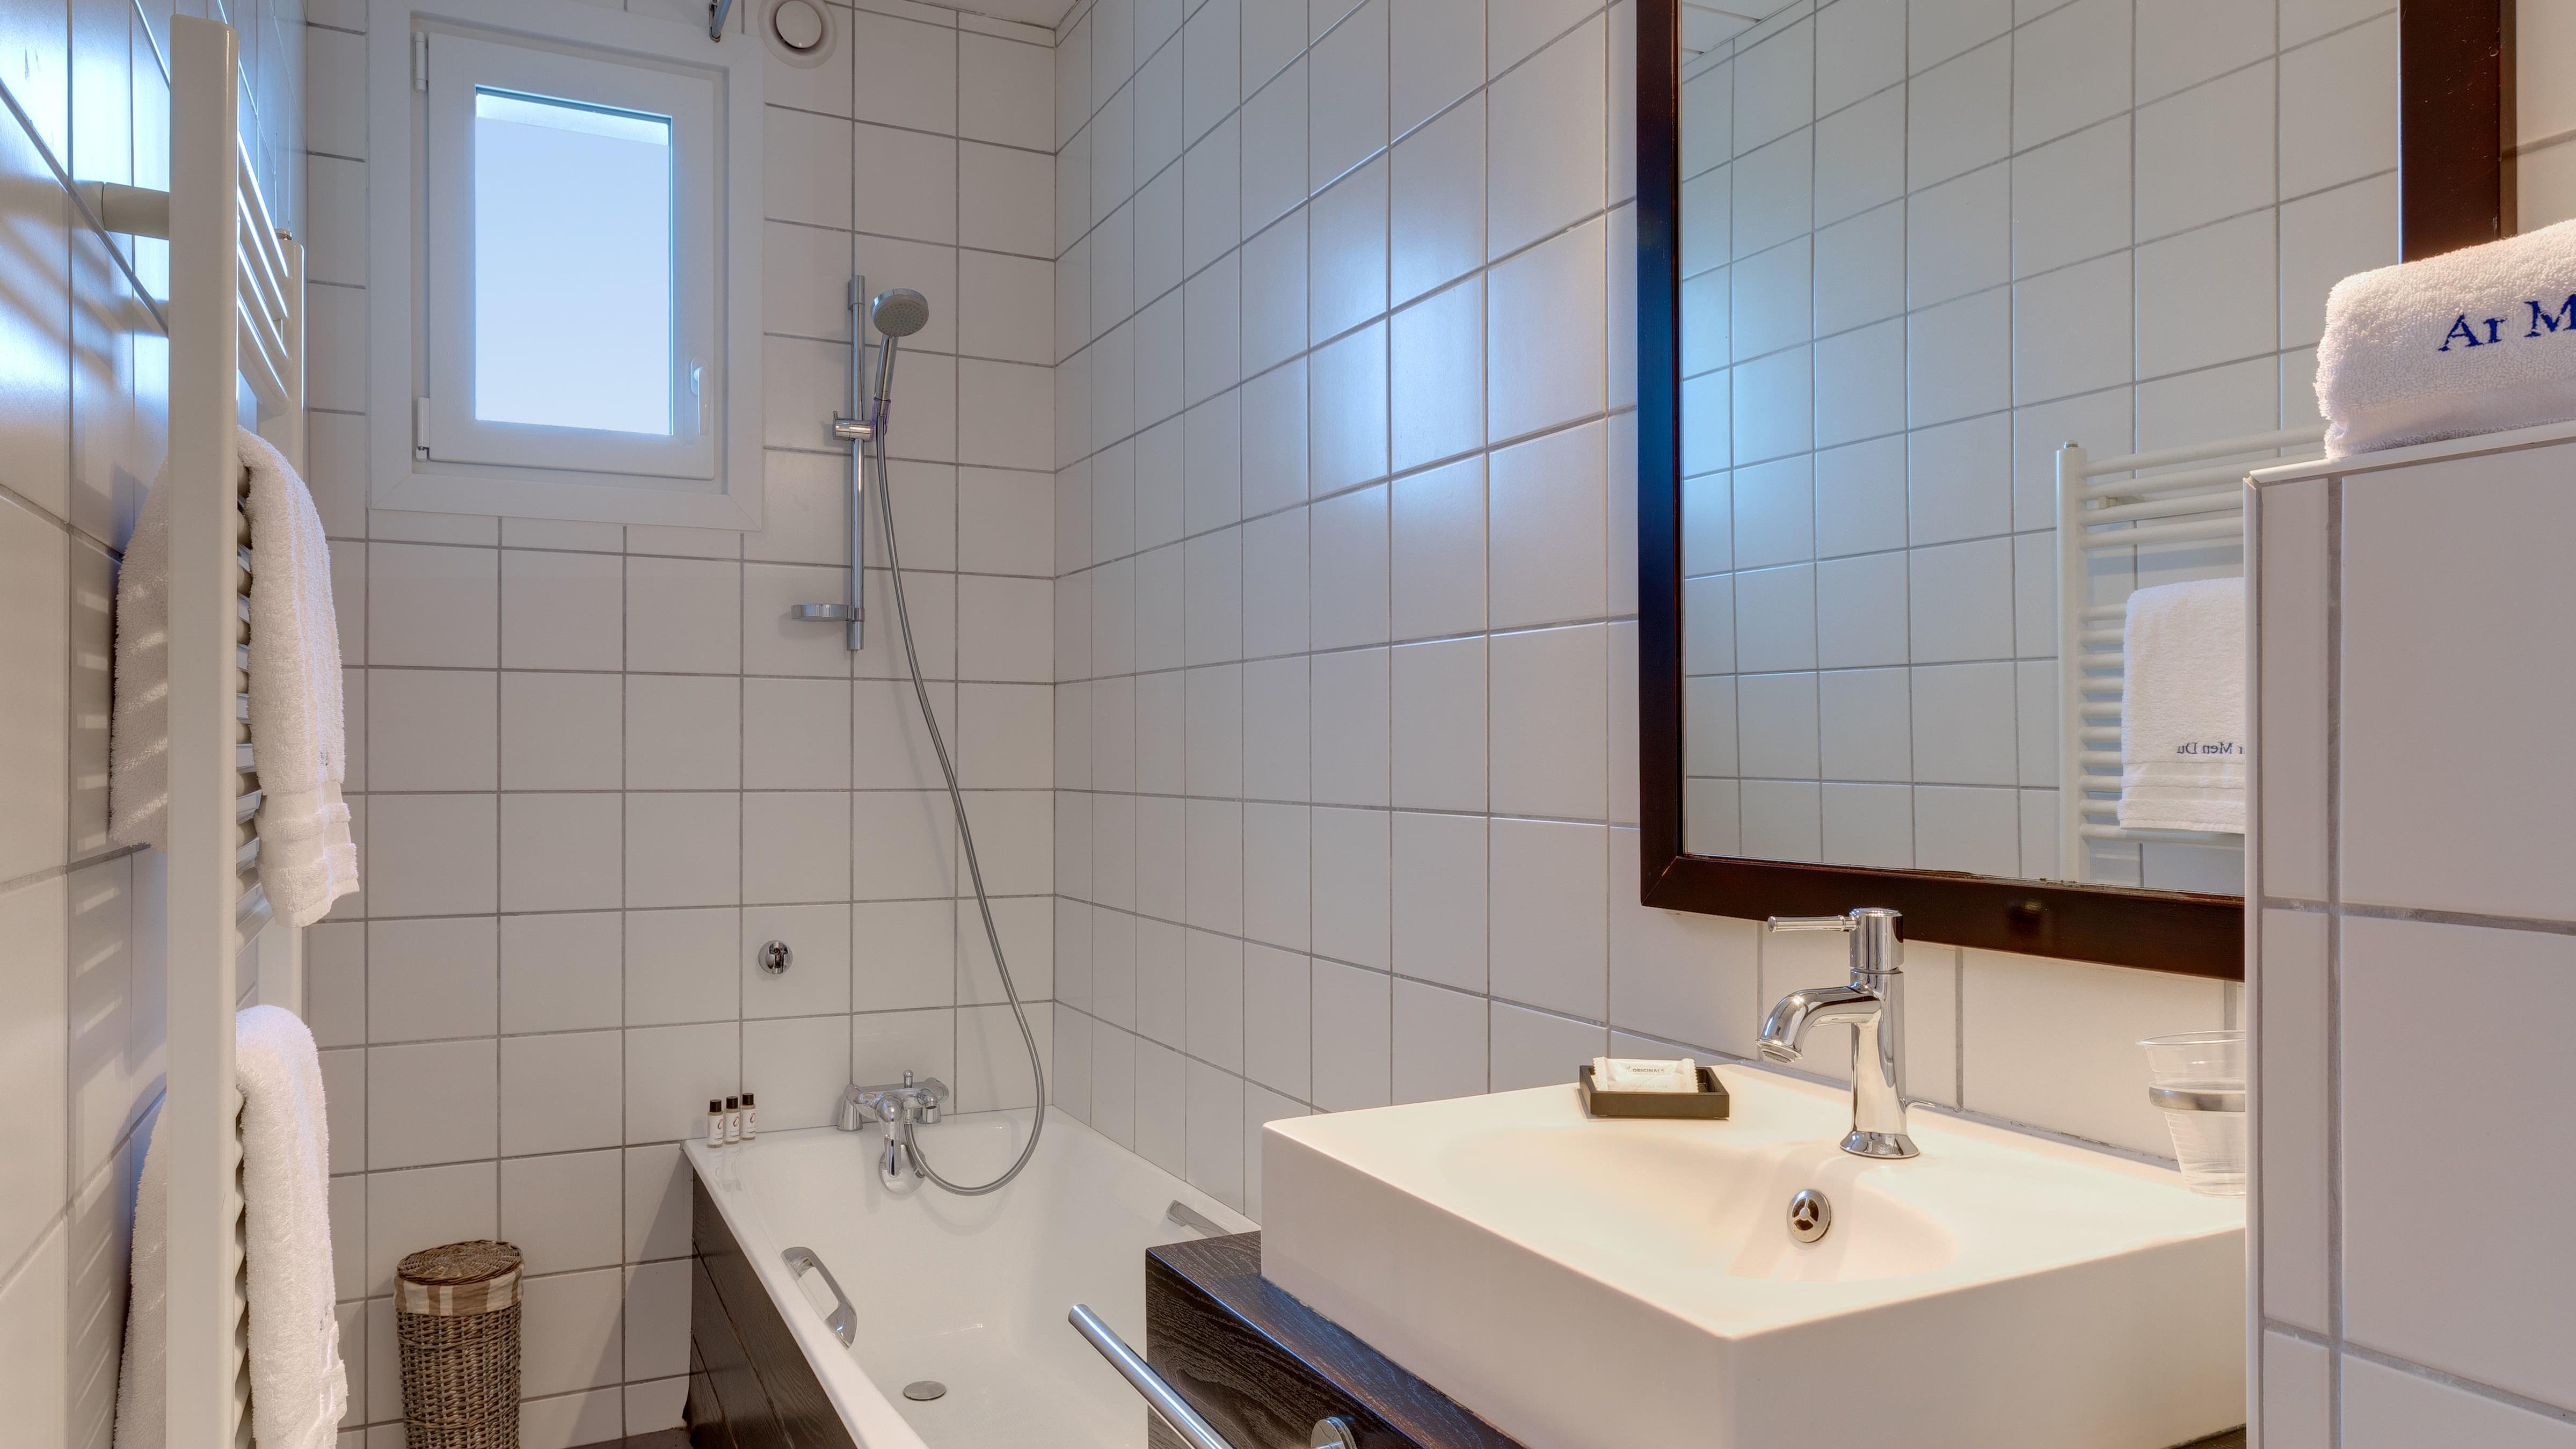 Bathroom at Ar Men Du Hotel in Névez, Brittany